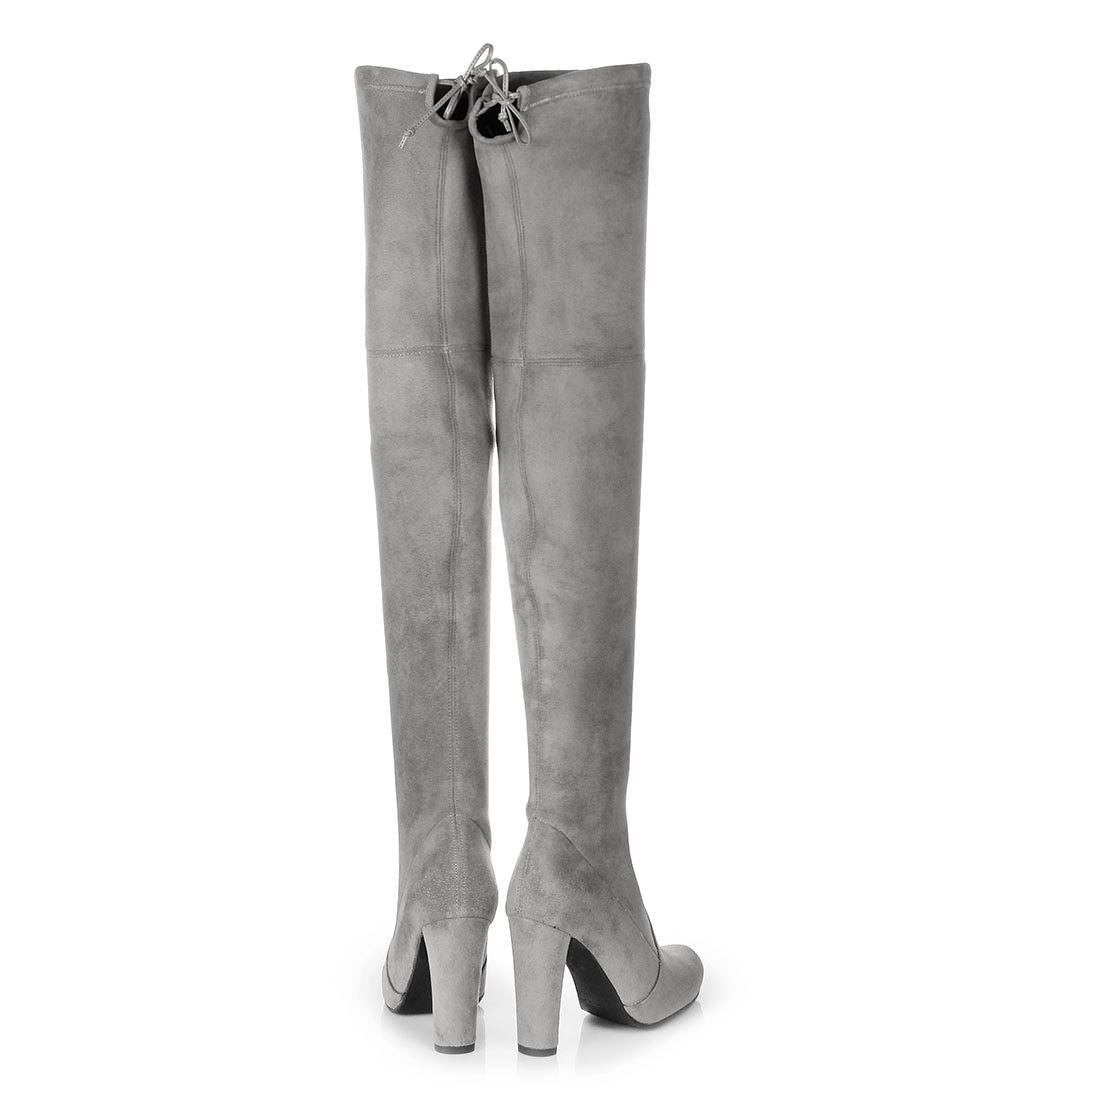 Buffalo Overknee Stiefel in grau auf